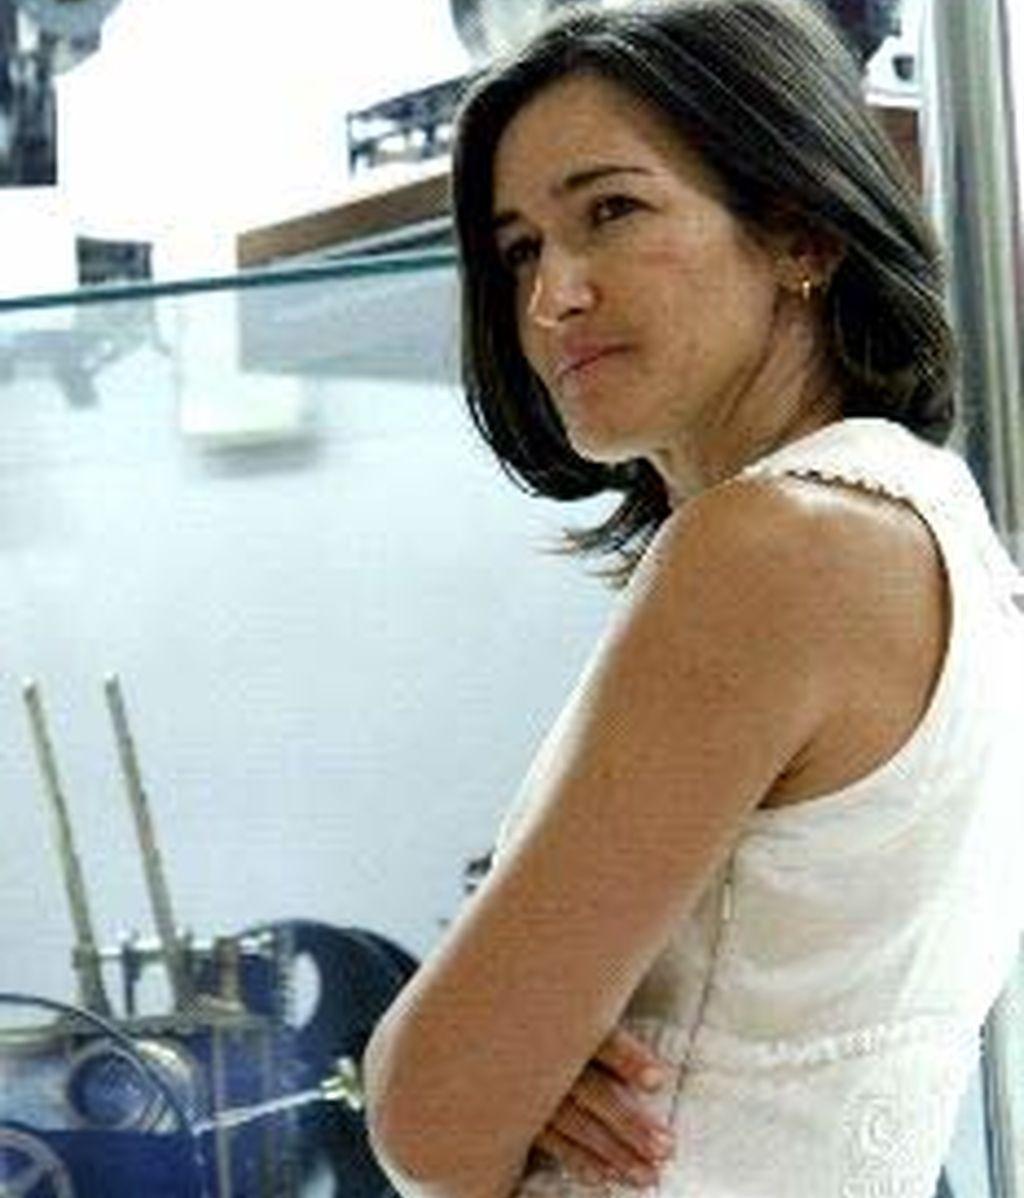 Imagen de archivo de la nueva ministra de Cultura, Ángeles González-Sinde. Foto: EFE.